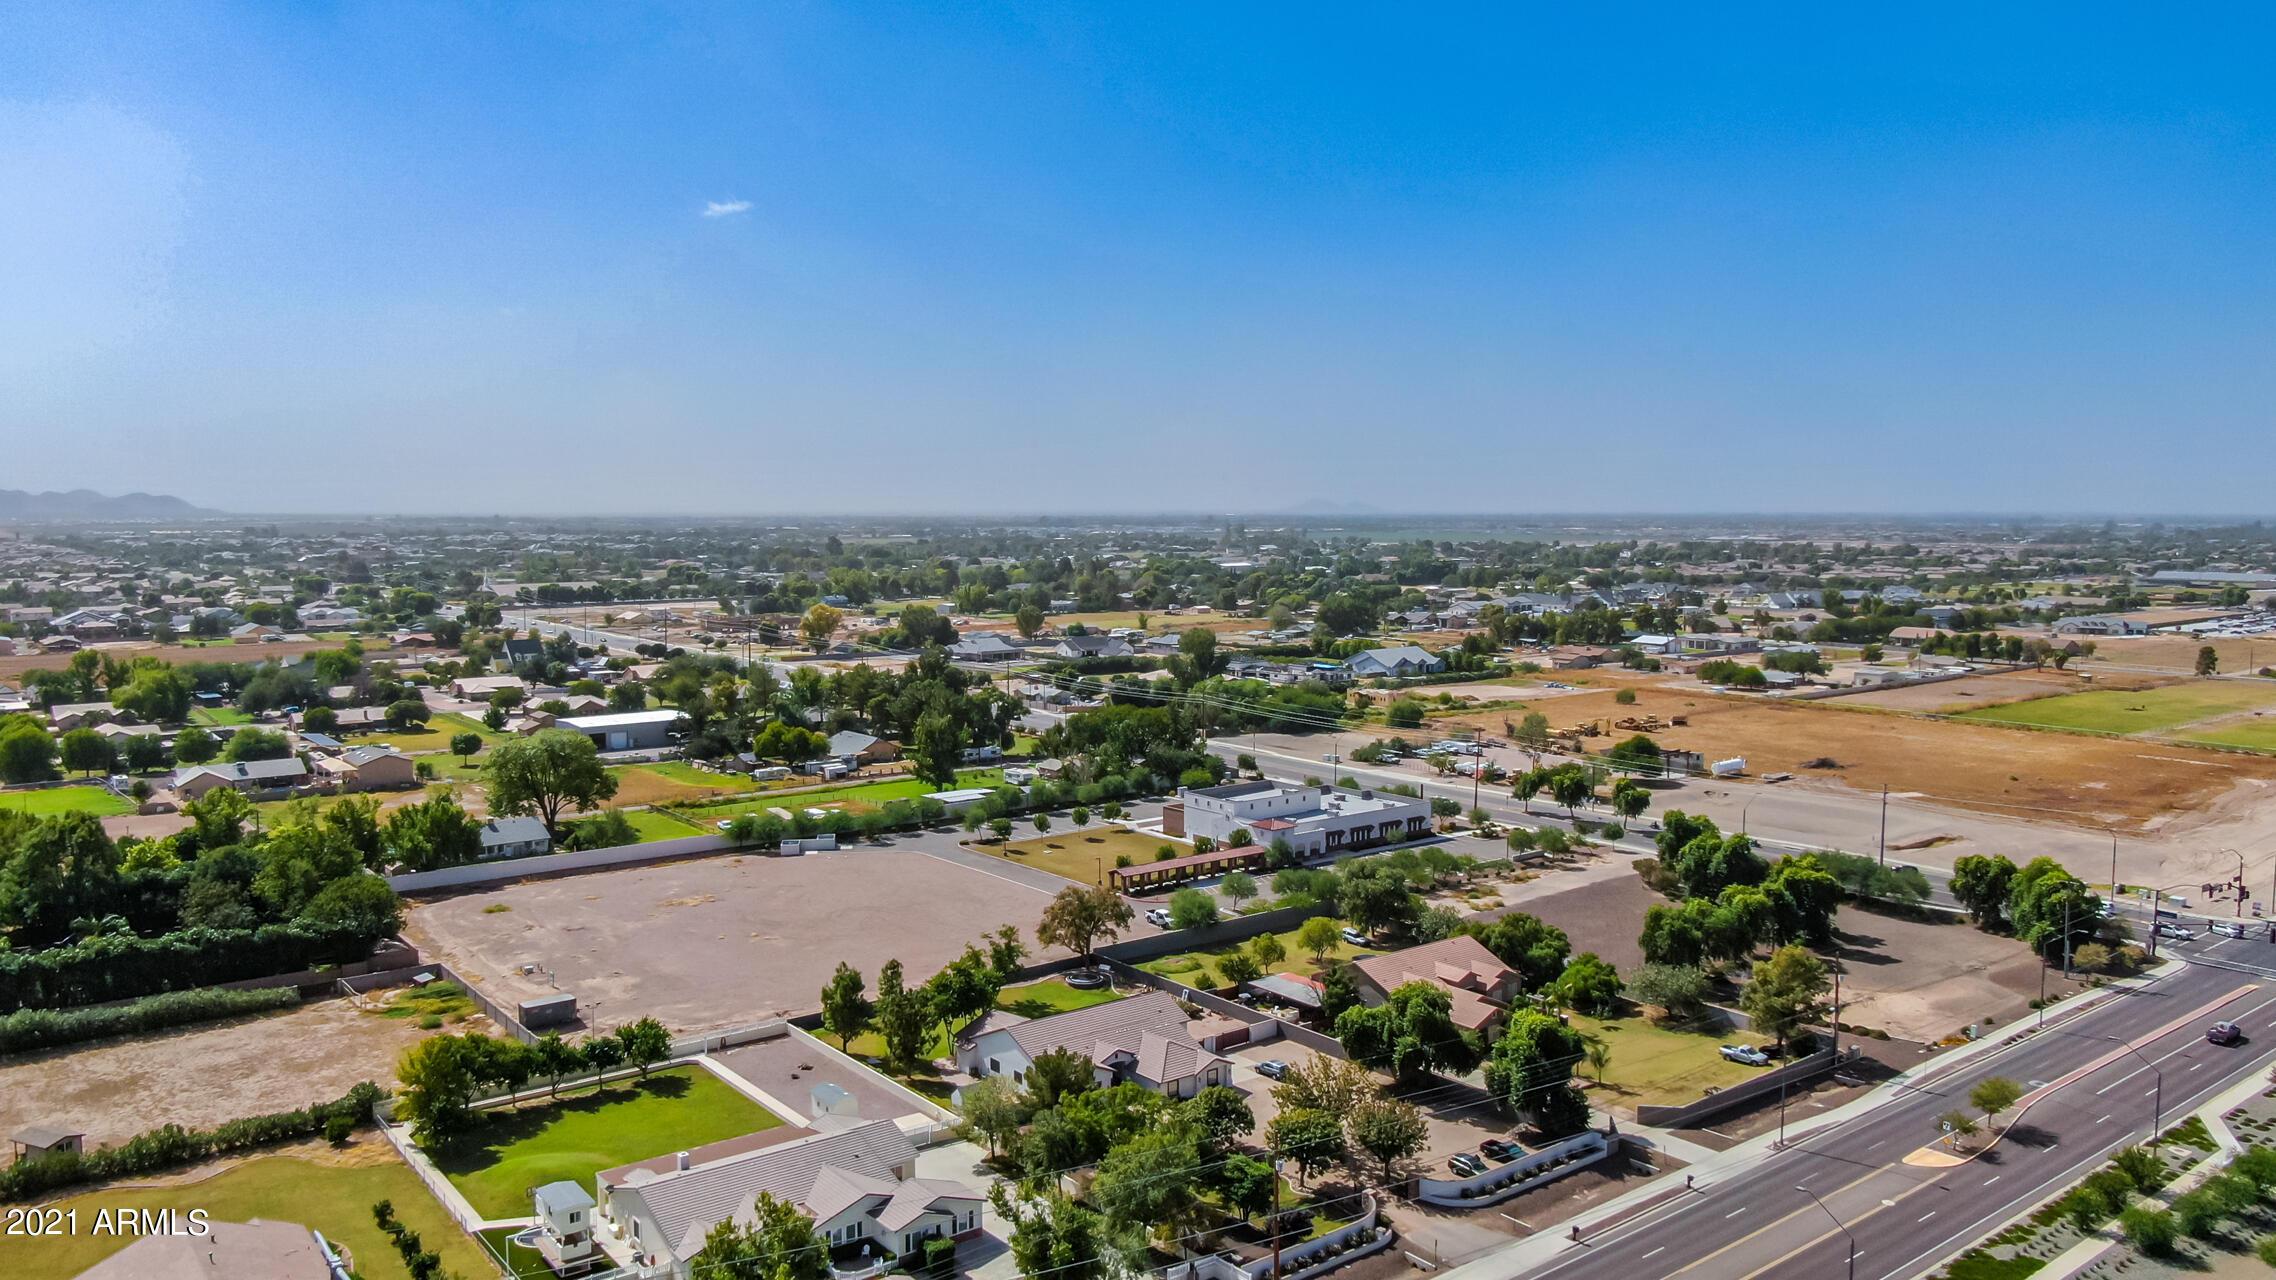 MLS 6301991 2495 E Queen Creek Road, Gilbert, AZ 85297 RV Parking